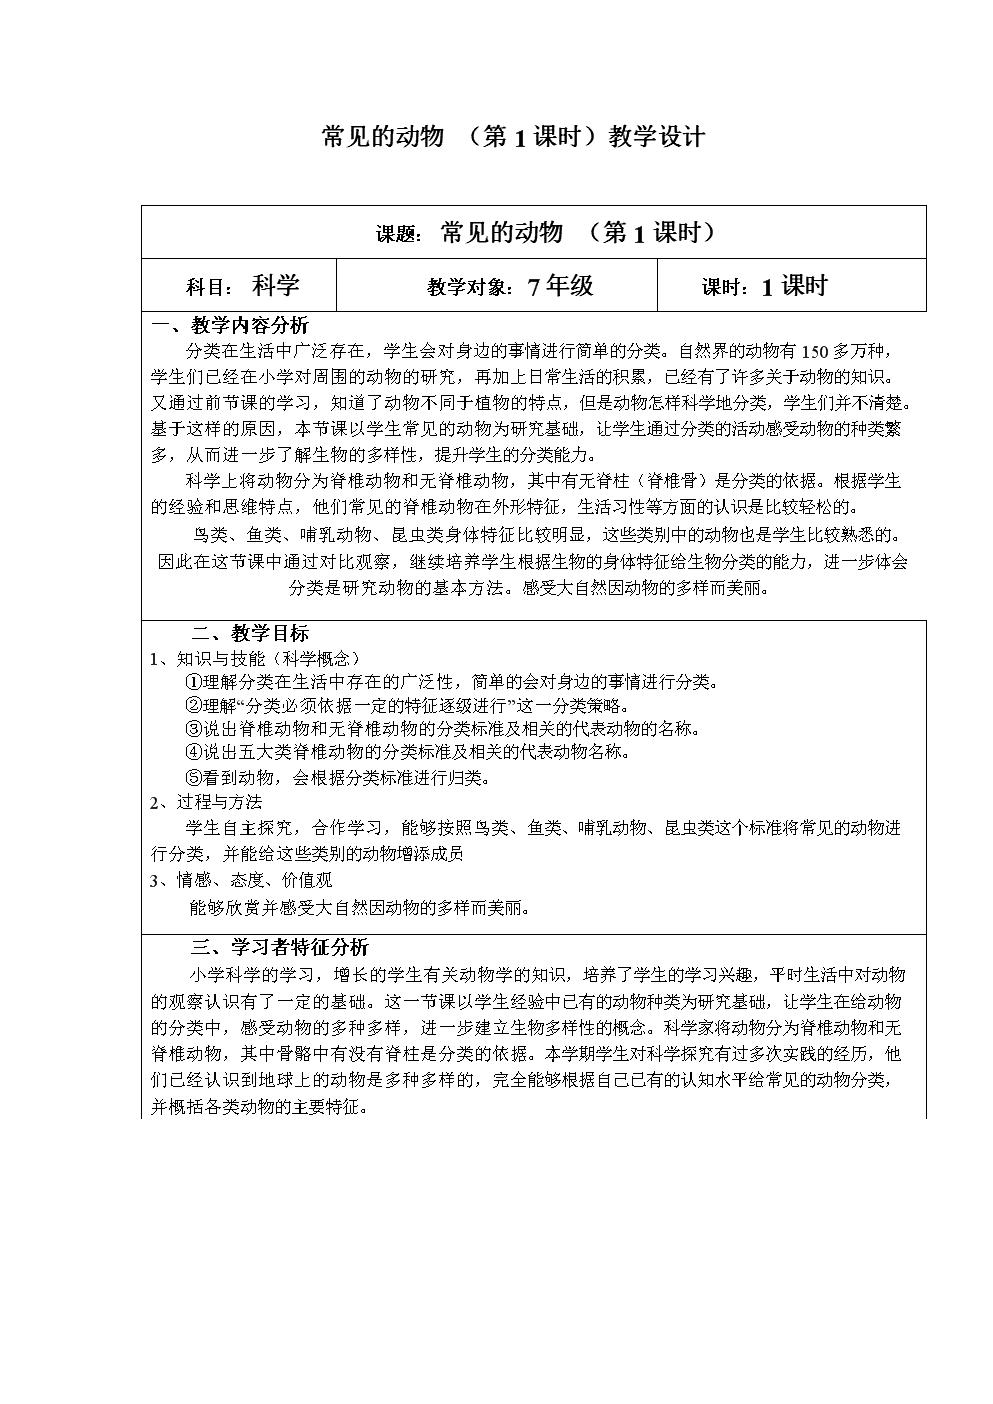 浙教版七年级科学上册2.4《常见的动物》表格设计(第一课时).docx